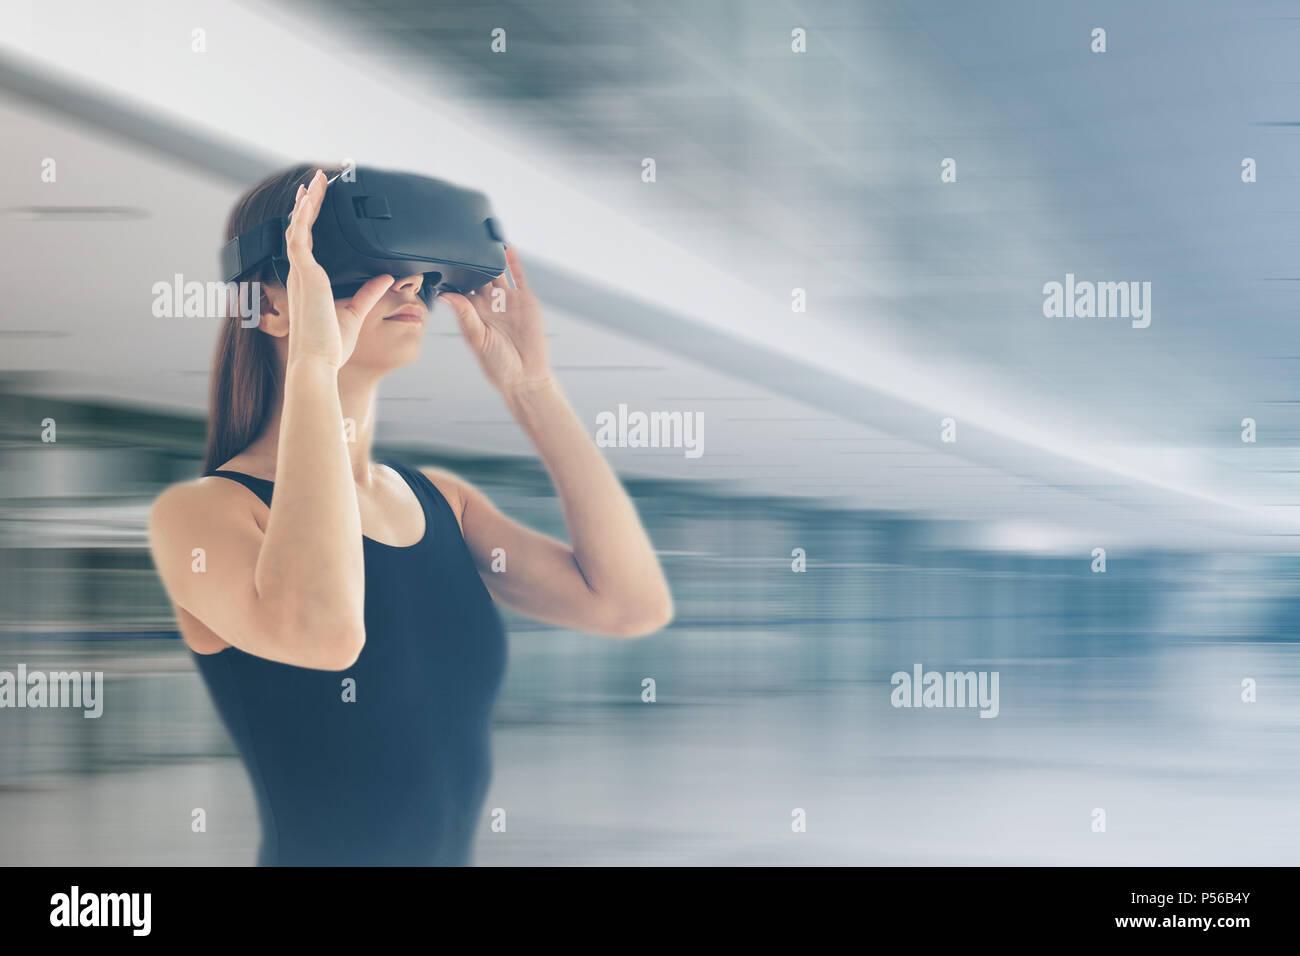 Mujer joven con gafas de realidad virtual. La tecnología del presente y el futuro Imagen De Stock